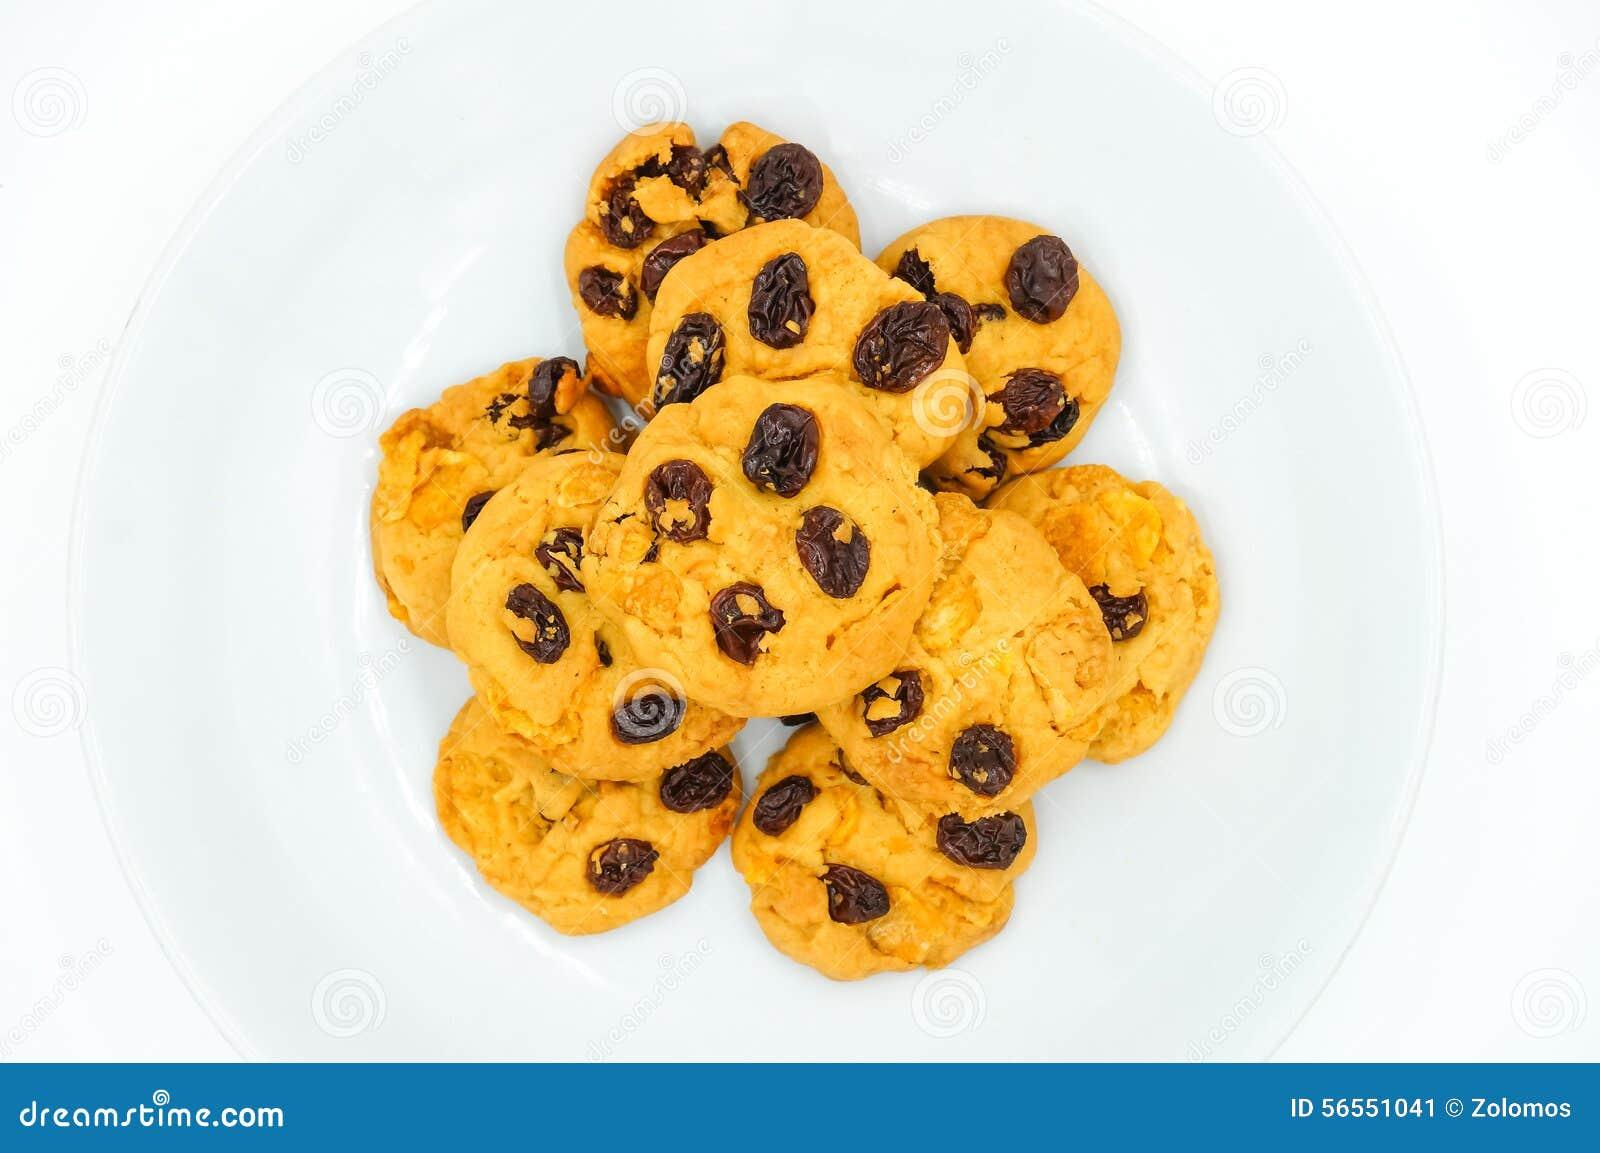 Download Μπισκότα σταφίδων και δημητριακών Στοκ Εικόνα - εικόνα από σταφίδα, εύγευστος: 56551041